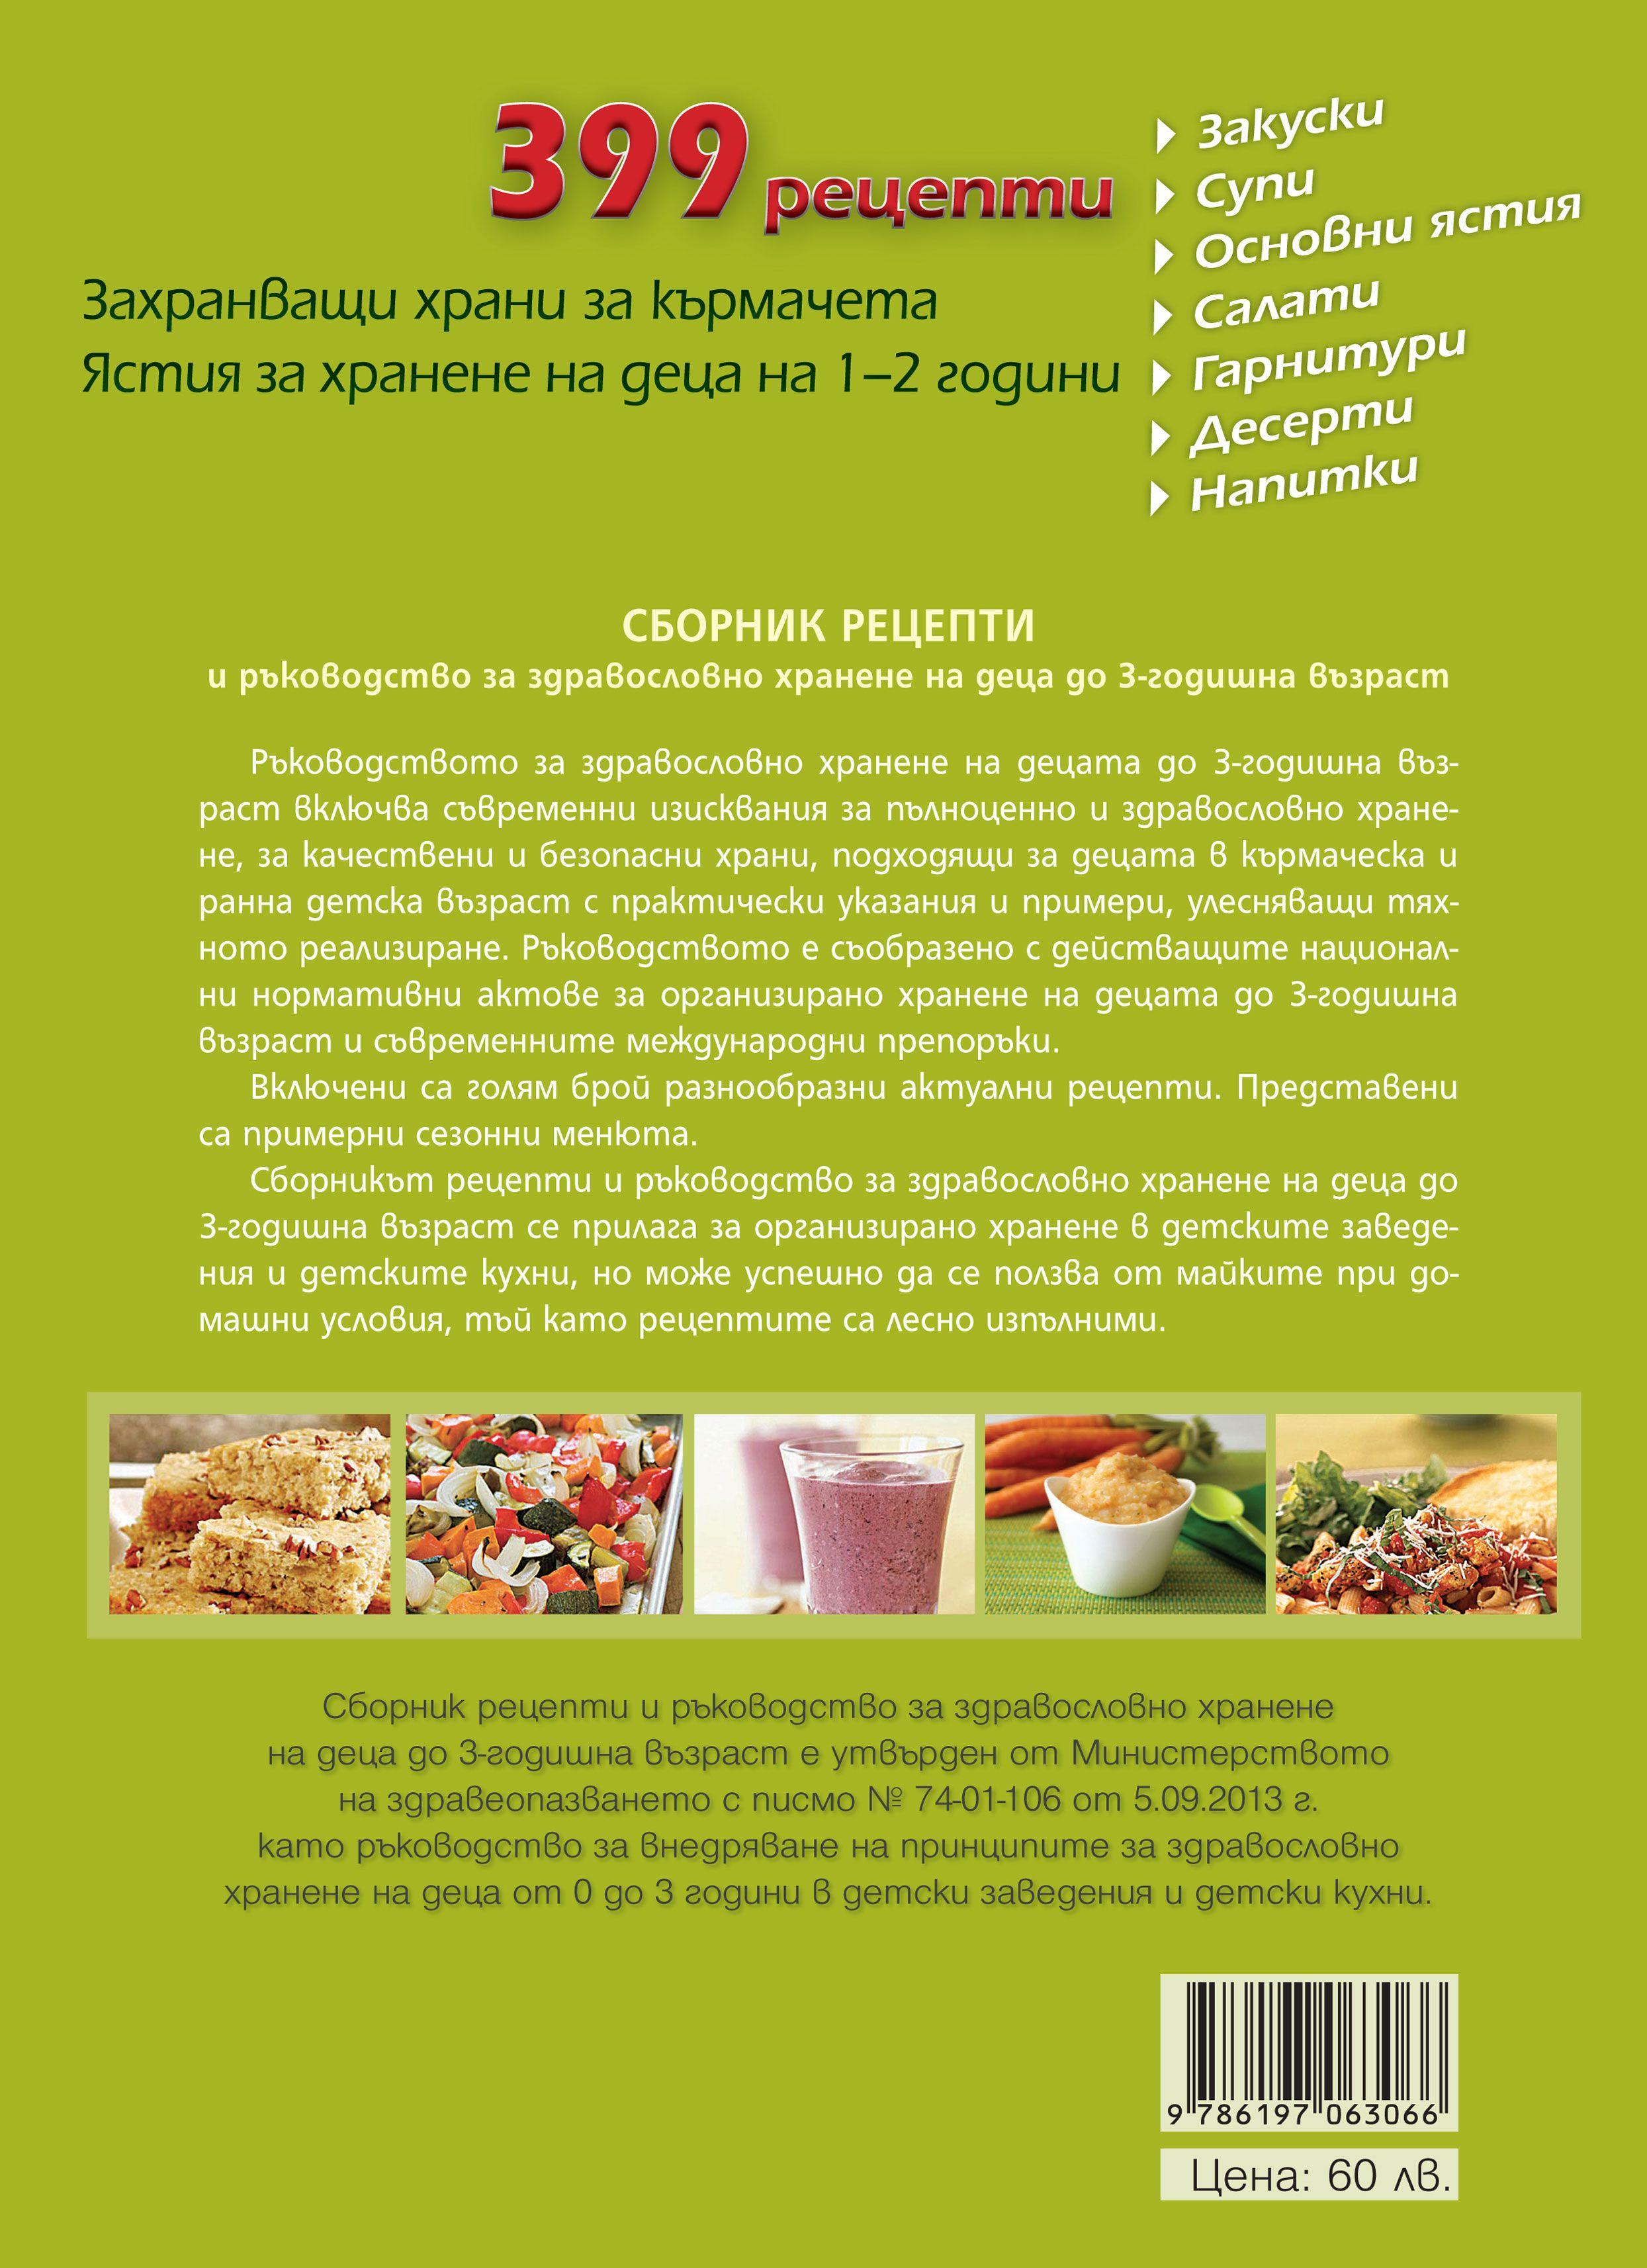 Сборник рецепти и ръководство за здравословно хранене на деца до 3-годишна възраст - 2